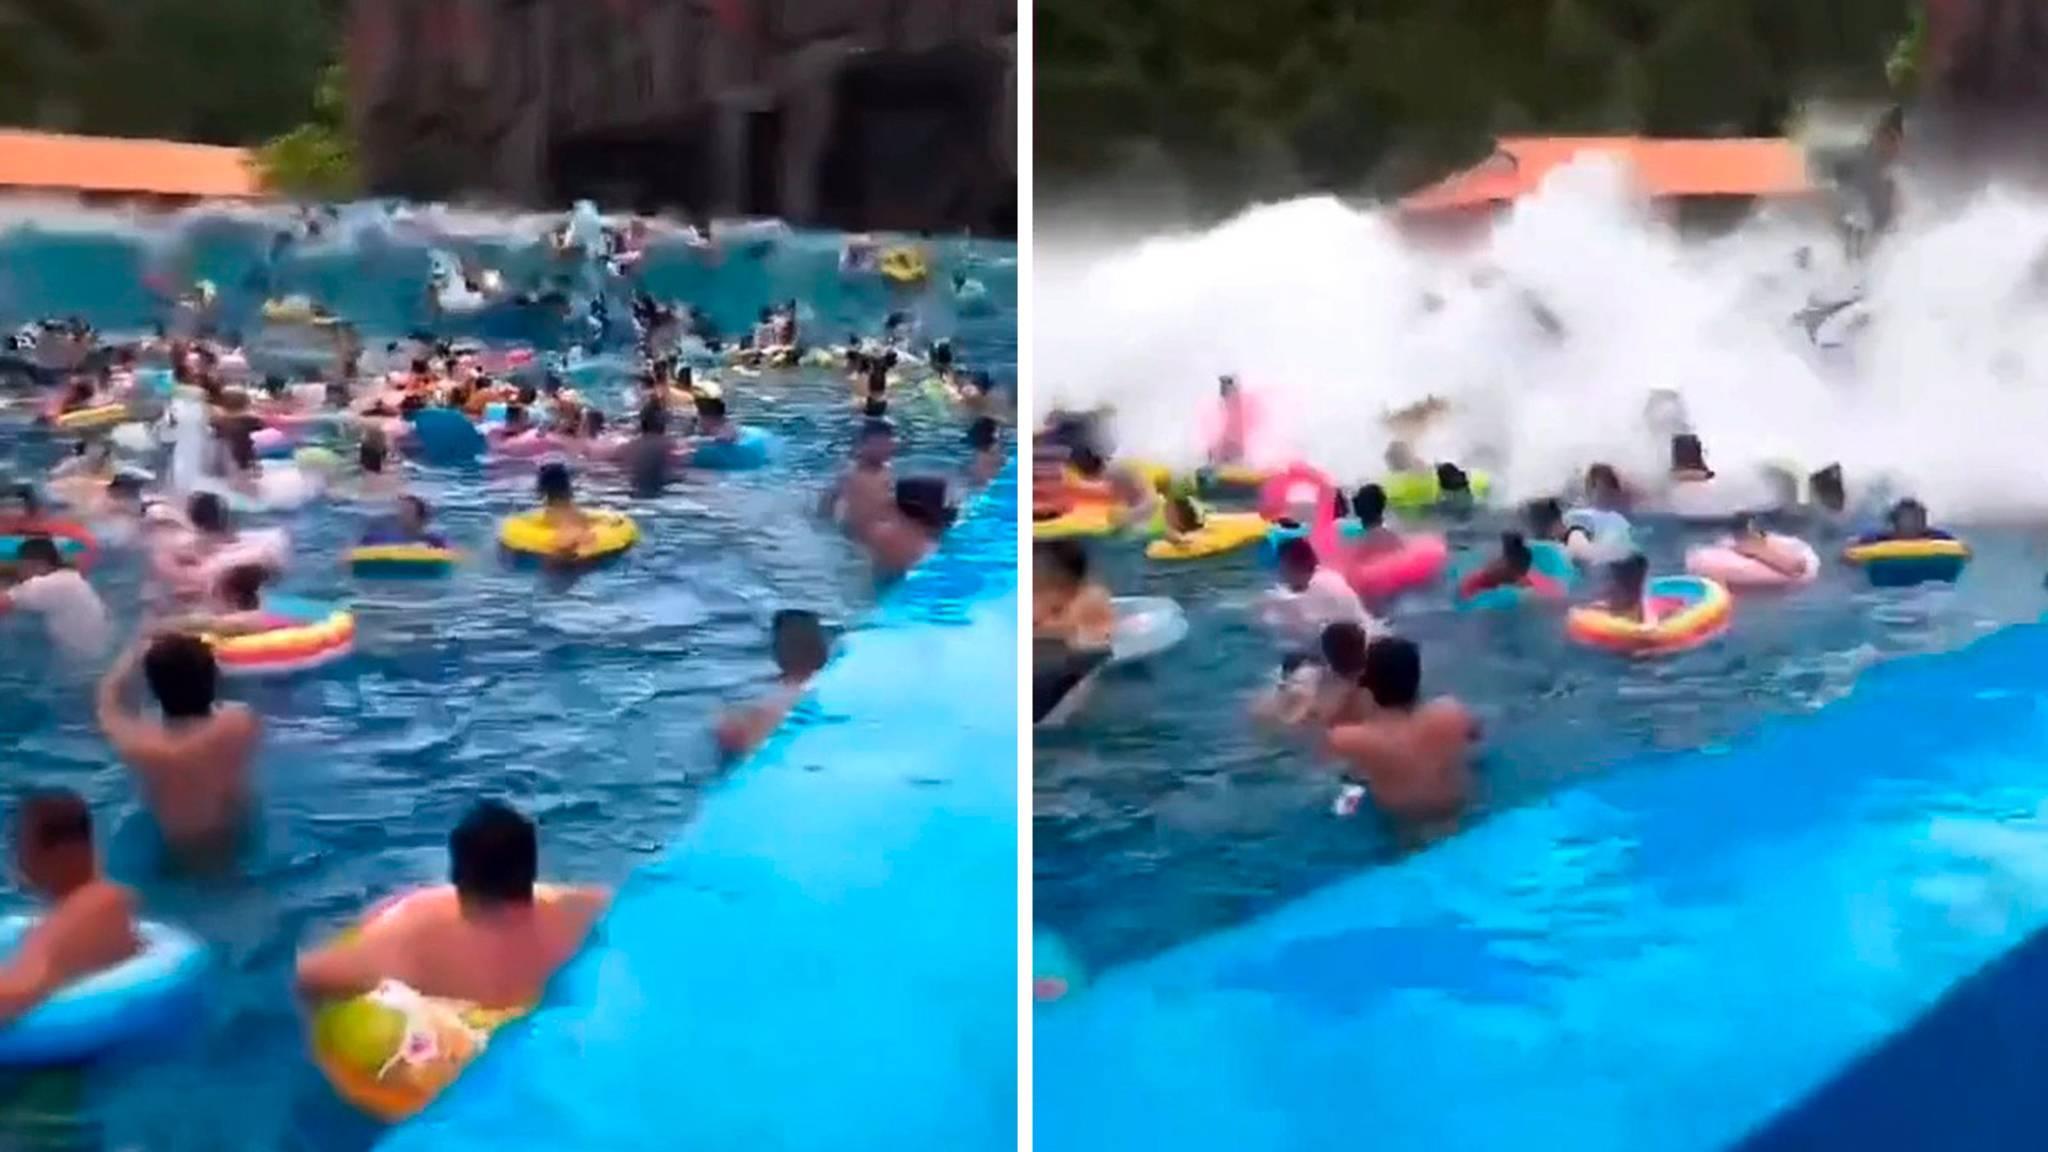 Tsunami im Wellenbad – gewaltige Wasserwand verletzt 44 Badegäste